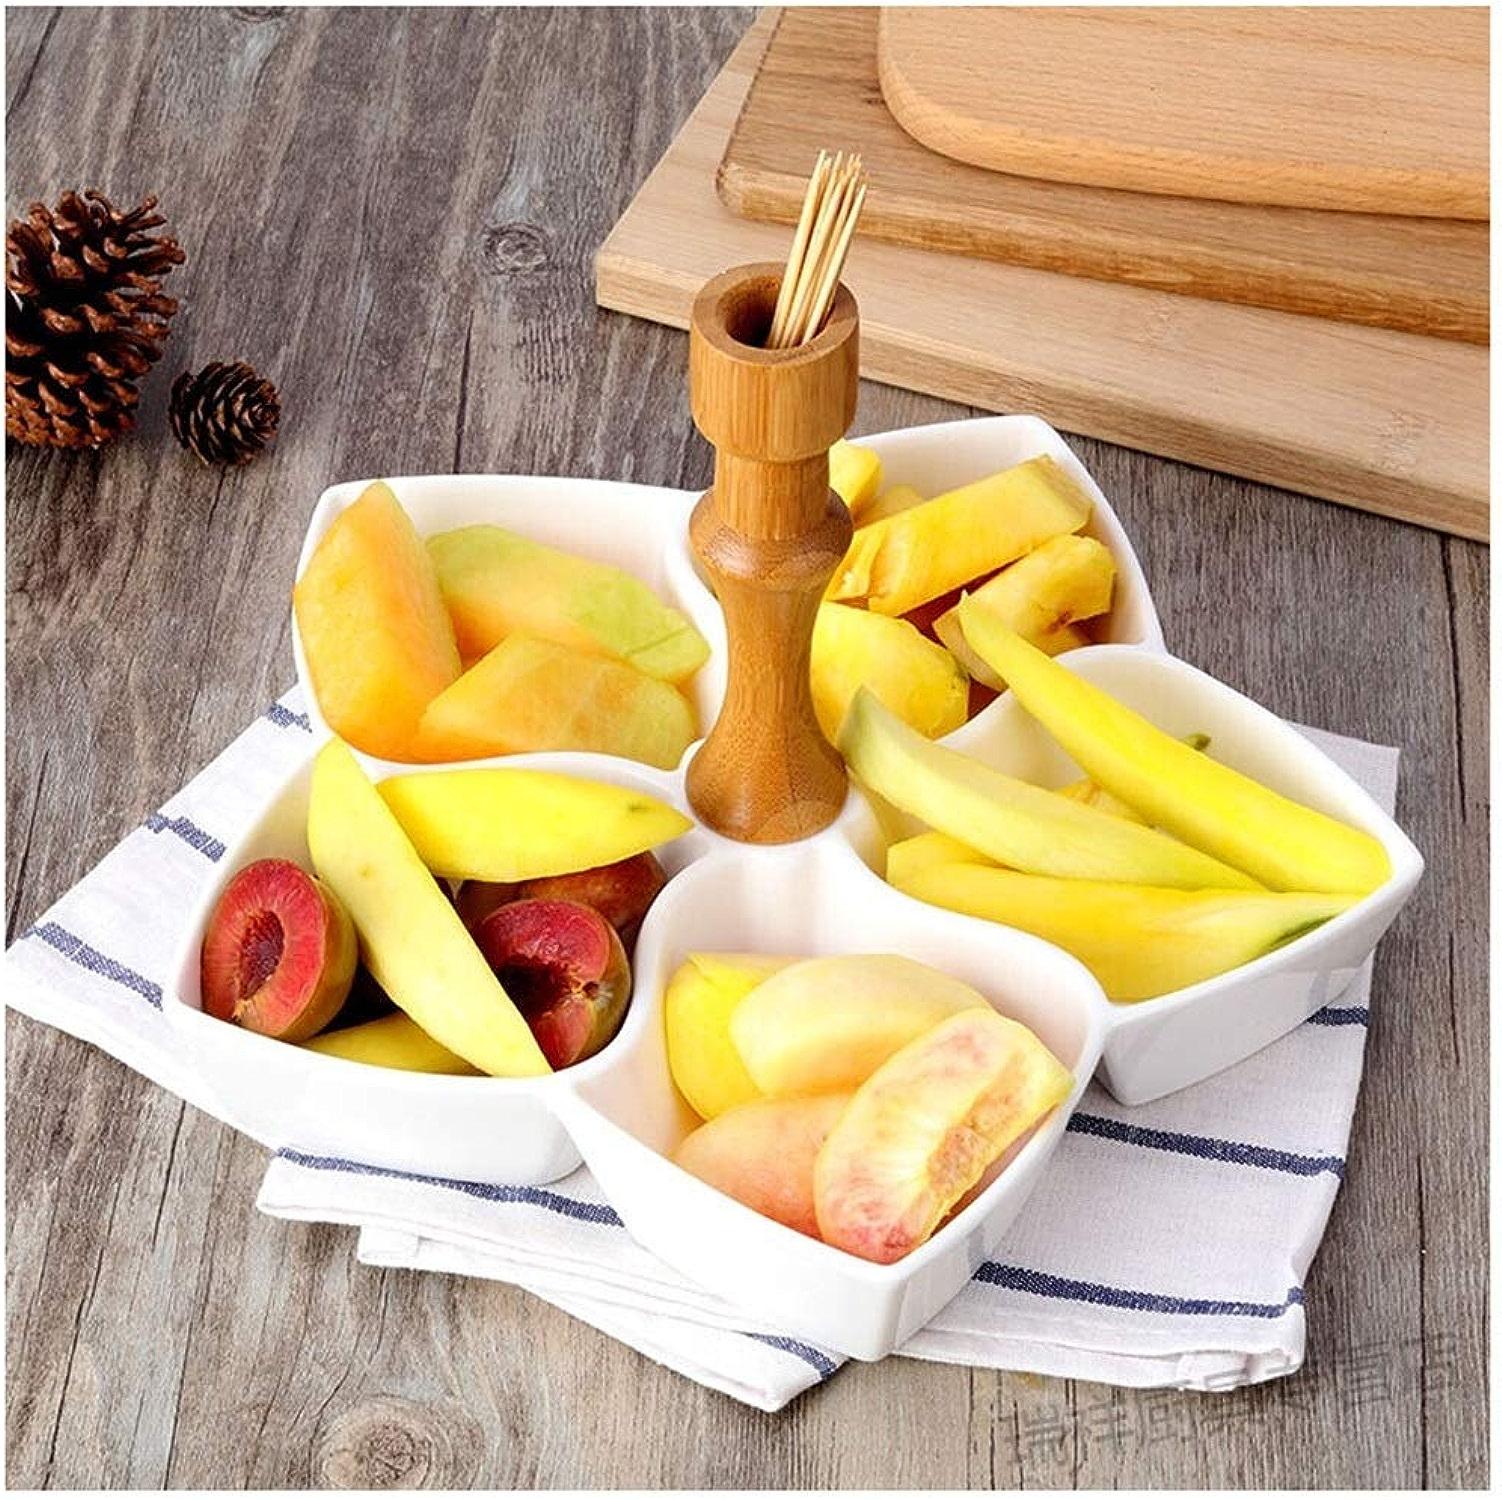 KISlink Coupe à Fruits en céramique AssortiHommest de Fruits à la Maison Assiette de Plat de Fruits Panier à Fruits créatif Plateau de Plats de Vie Moderne Plateau Blanc